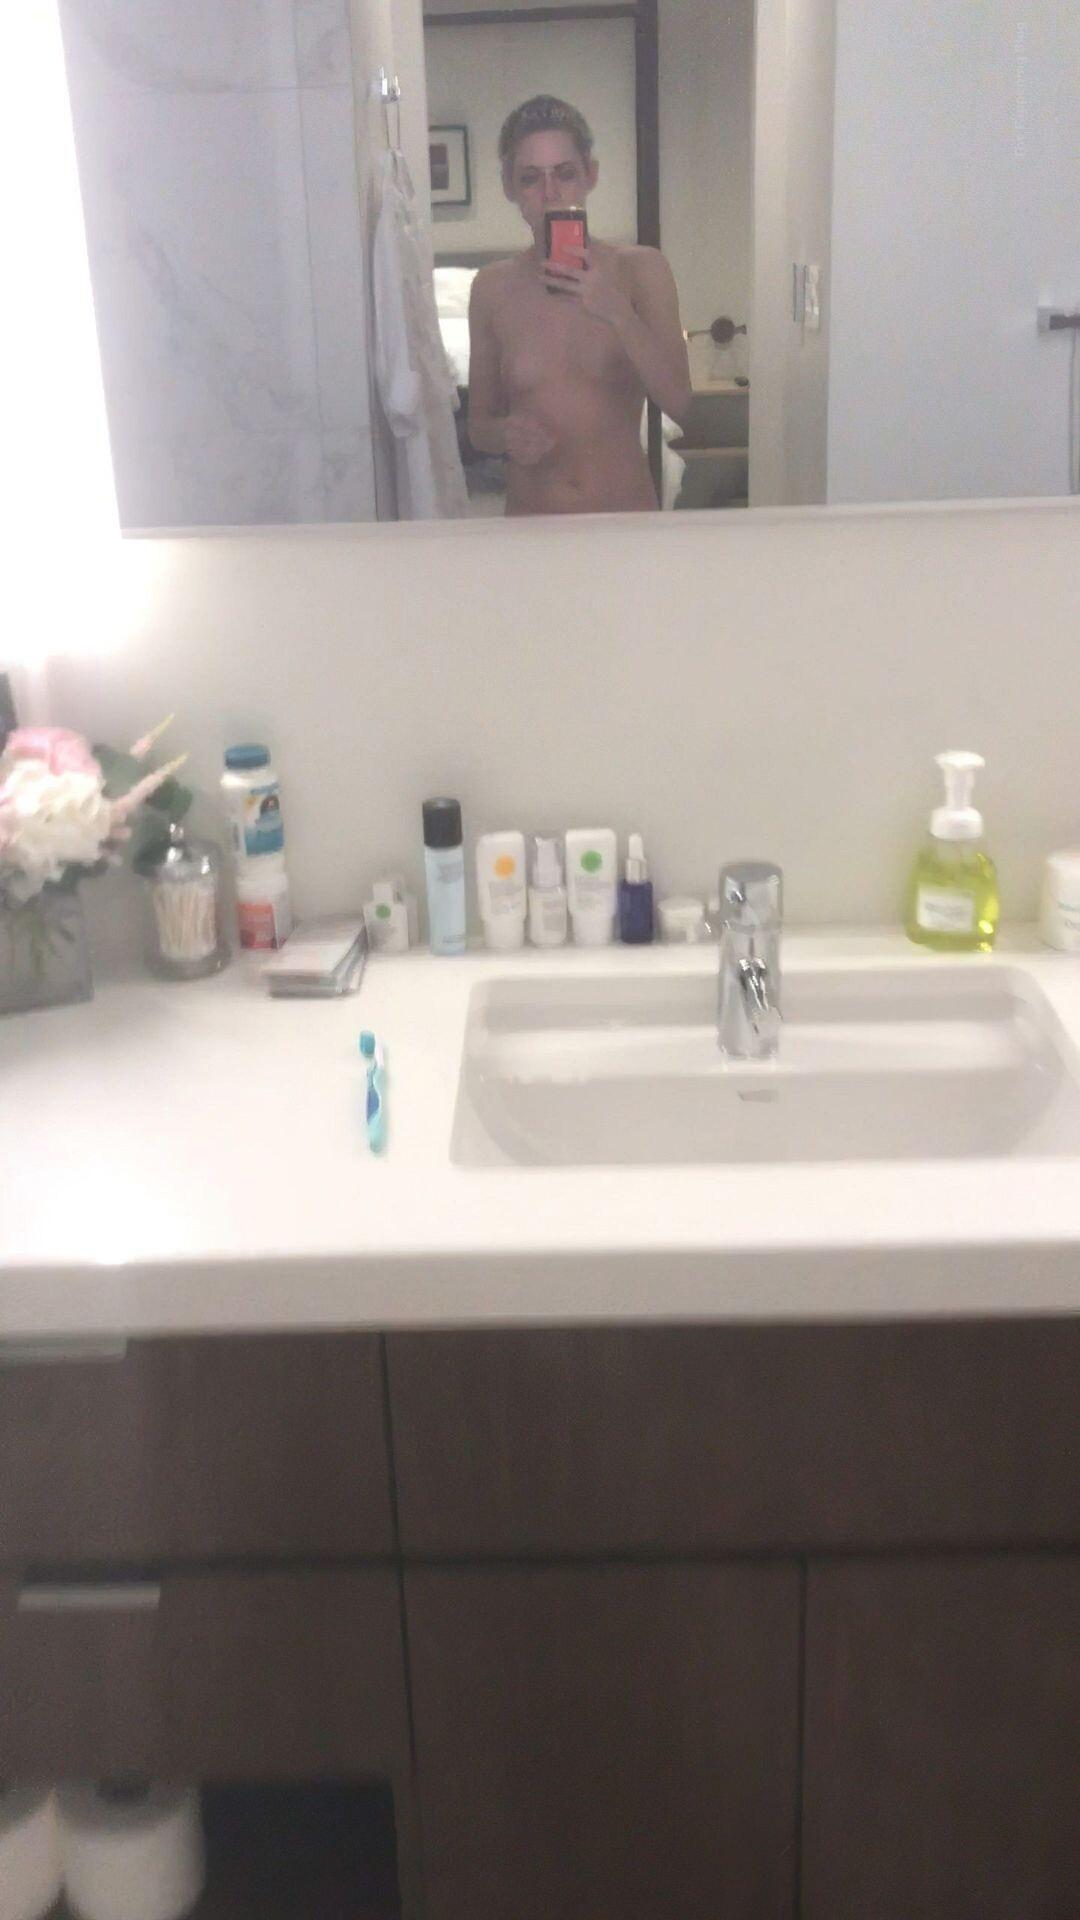 Kristen Stewart Nude Leaked 212 fappenings.com